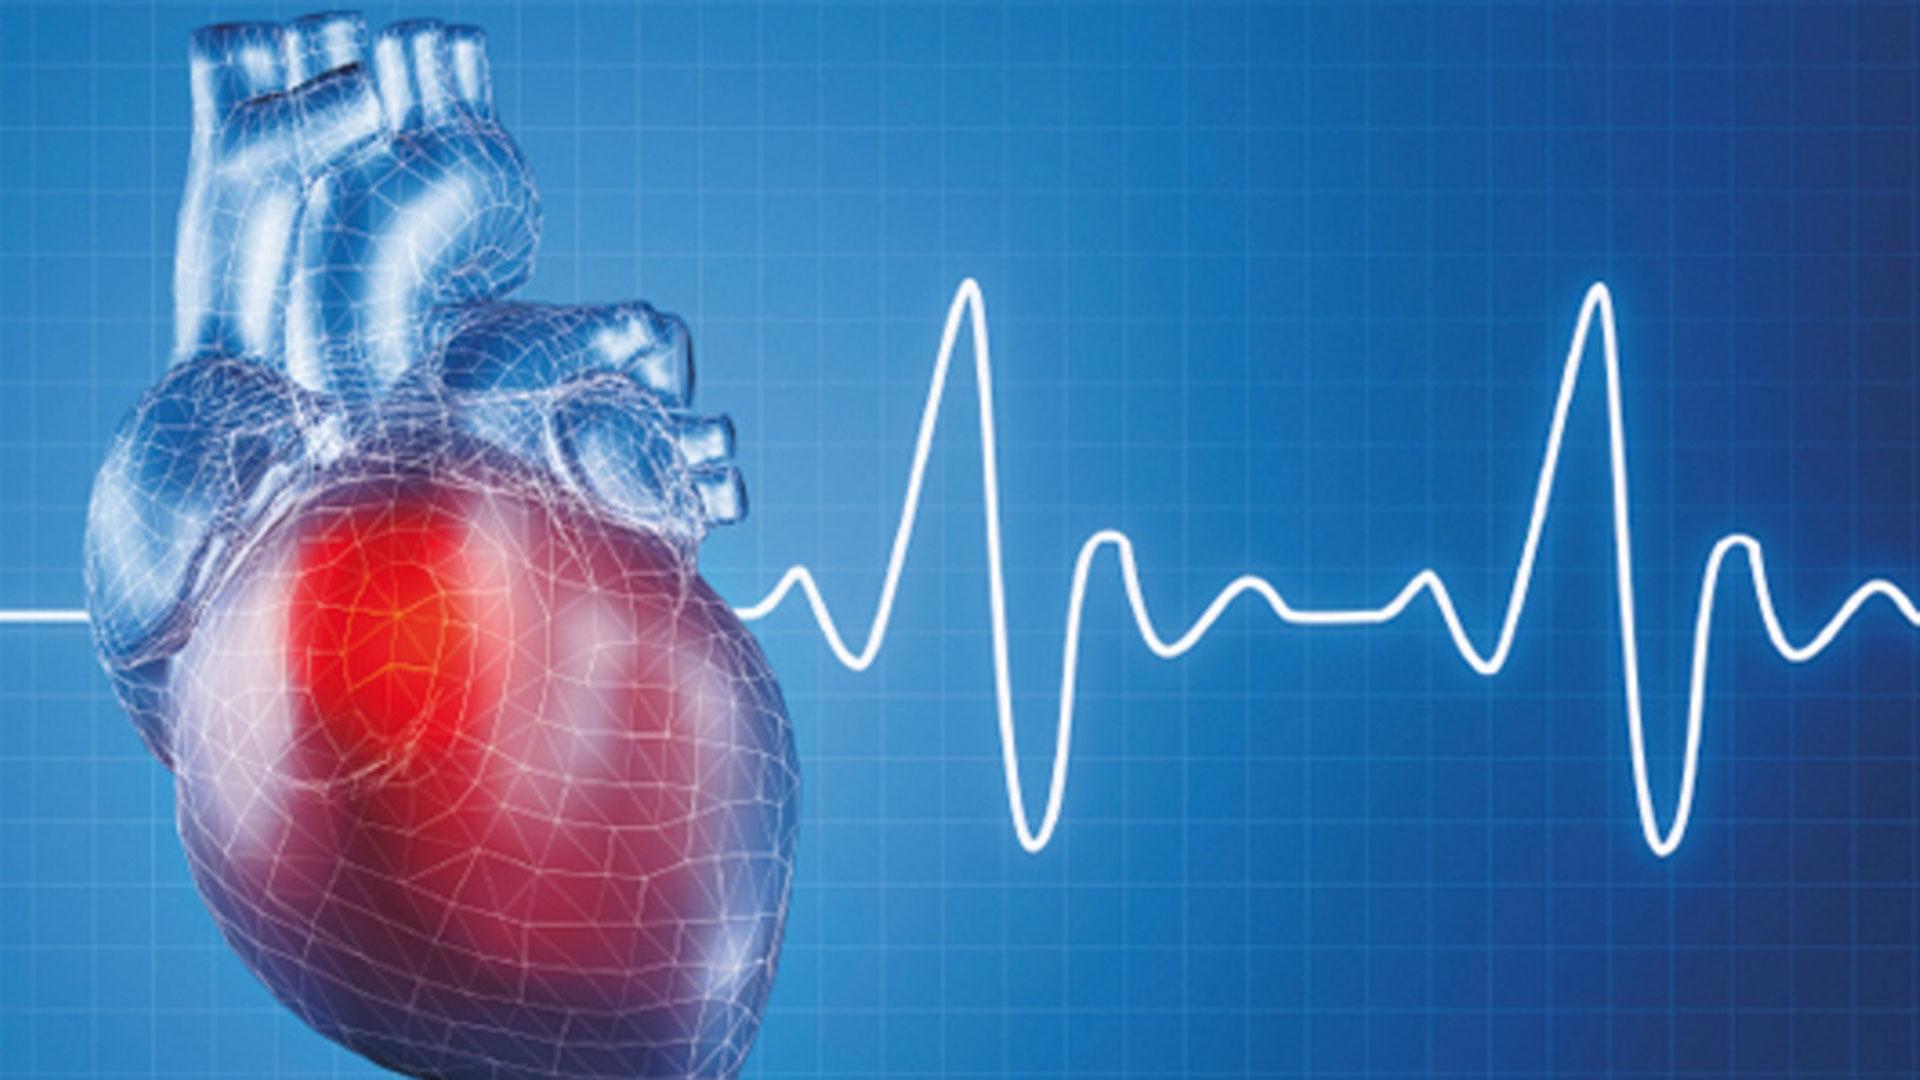 El aparato consiste en una pequeña bomba que se implanta justo debajo del corazón y se conecta al ventrículo izquierdo y a la aorta, arteria principal que lleva la sangre oxigenada a todo el cuerpo